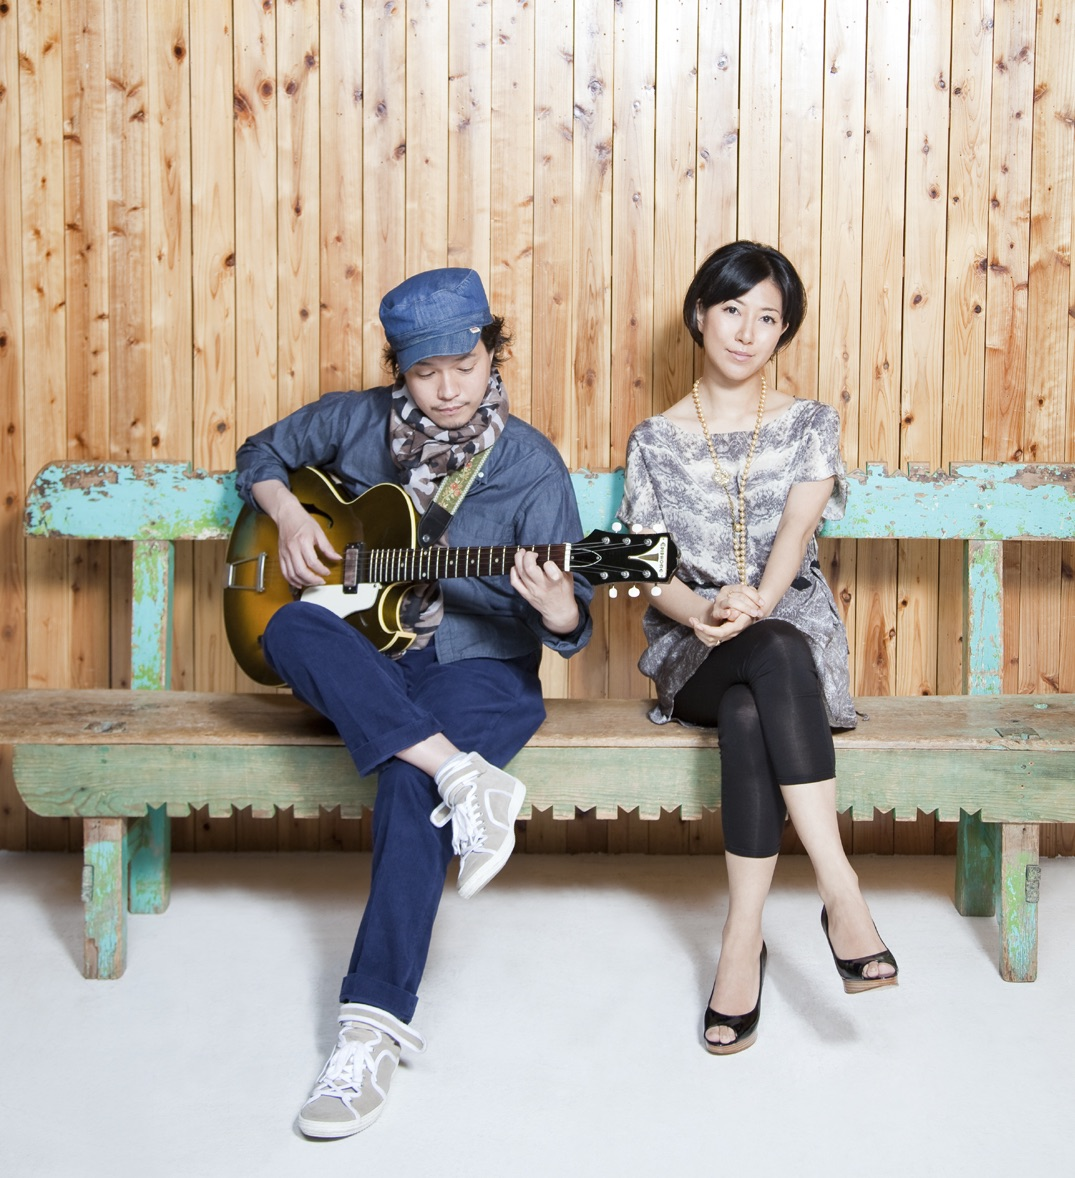 acoustics presents Port of Notes LIVE